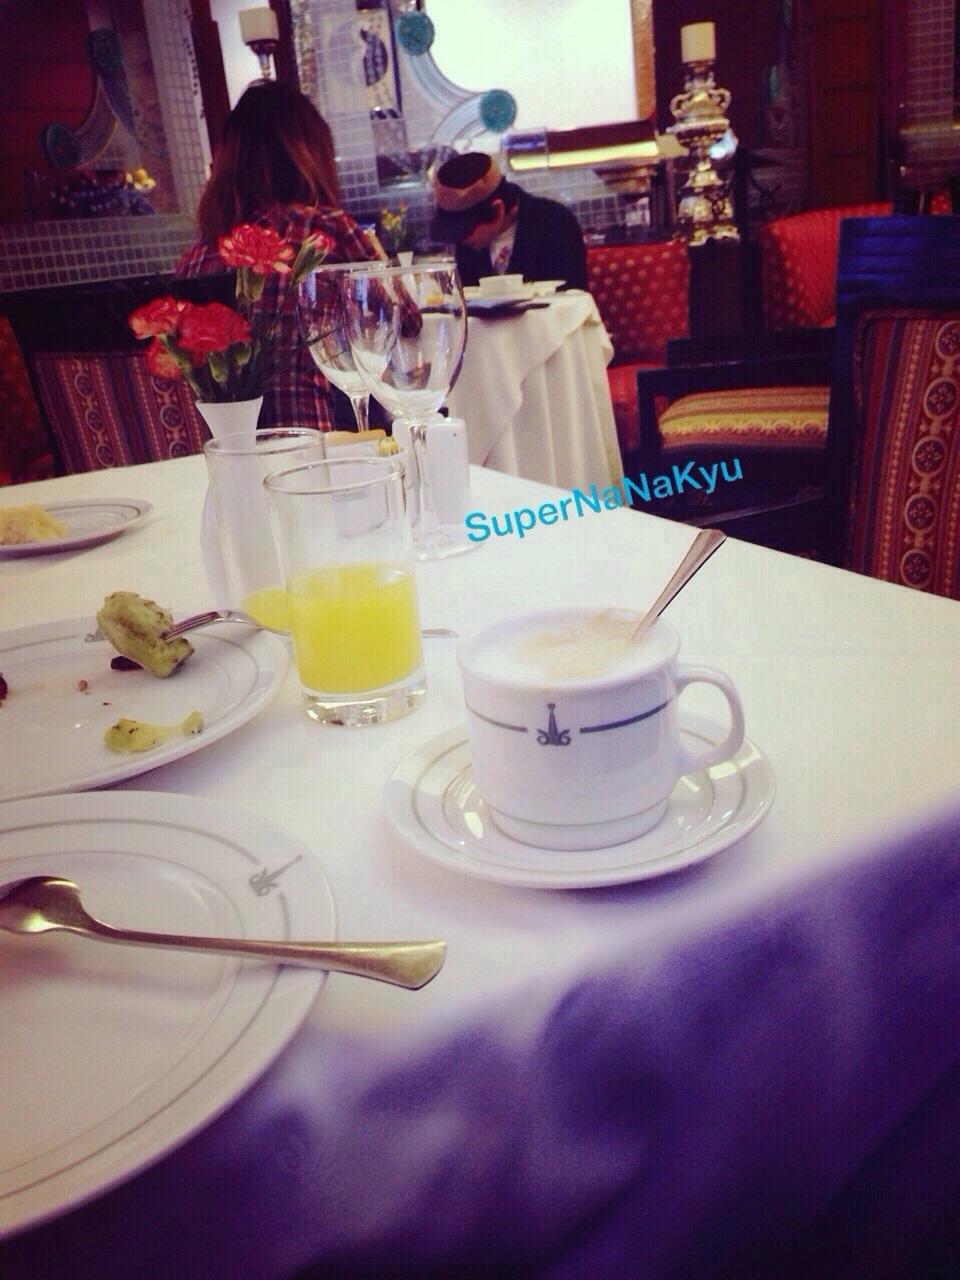 08112013墨西哥酒店吃早餐 (1)